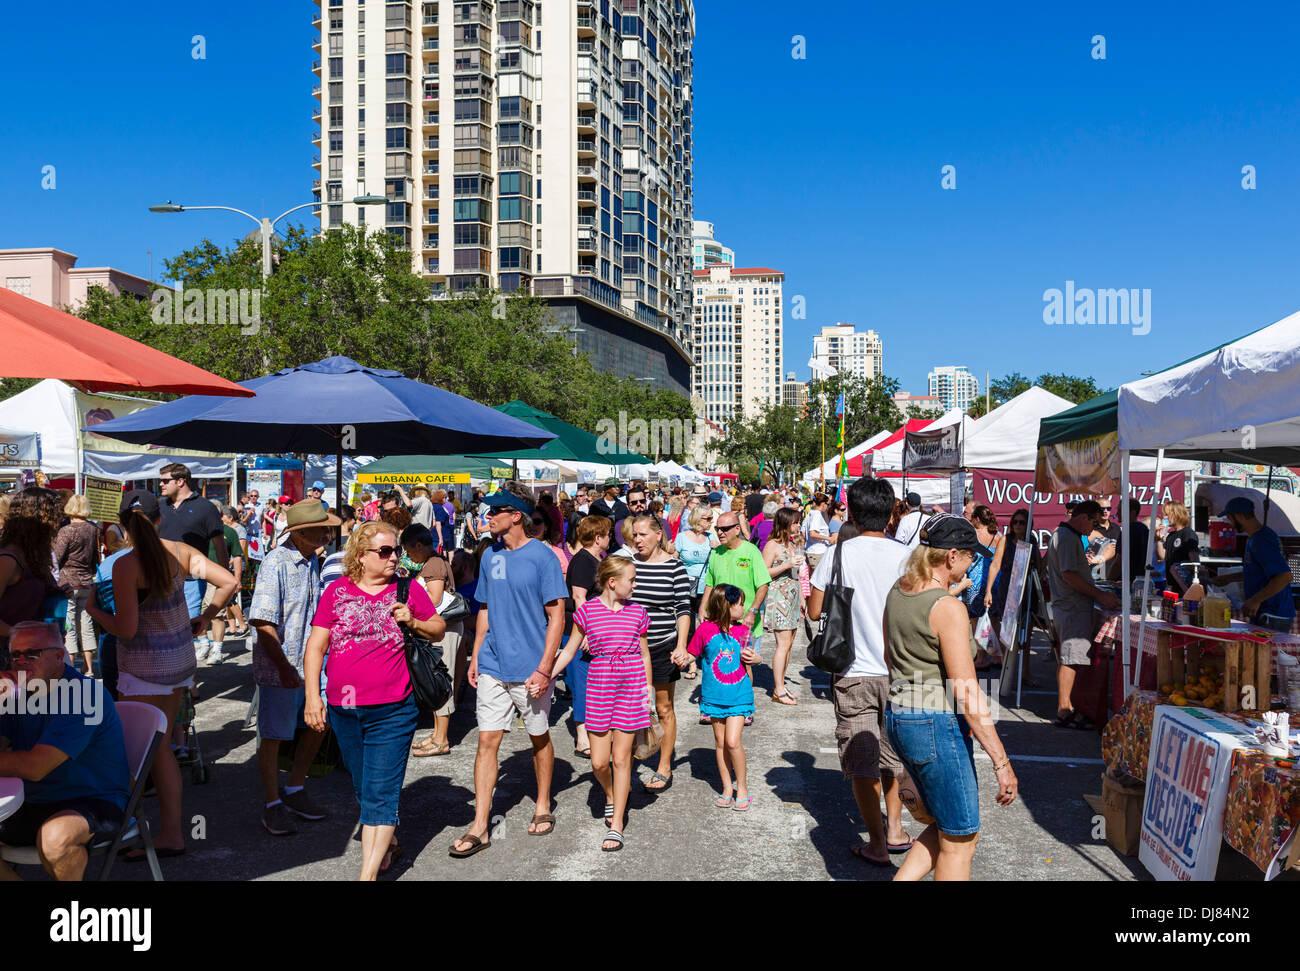 El sábado por la mañana, en el mercado de St Petersburg, Florida, EE.UU. Imagen De Stock